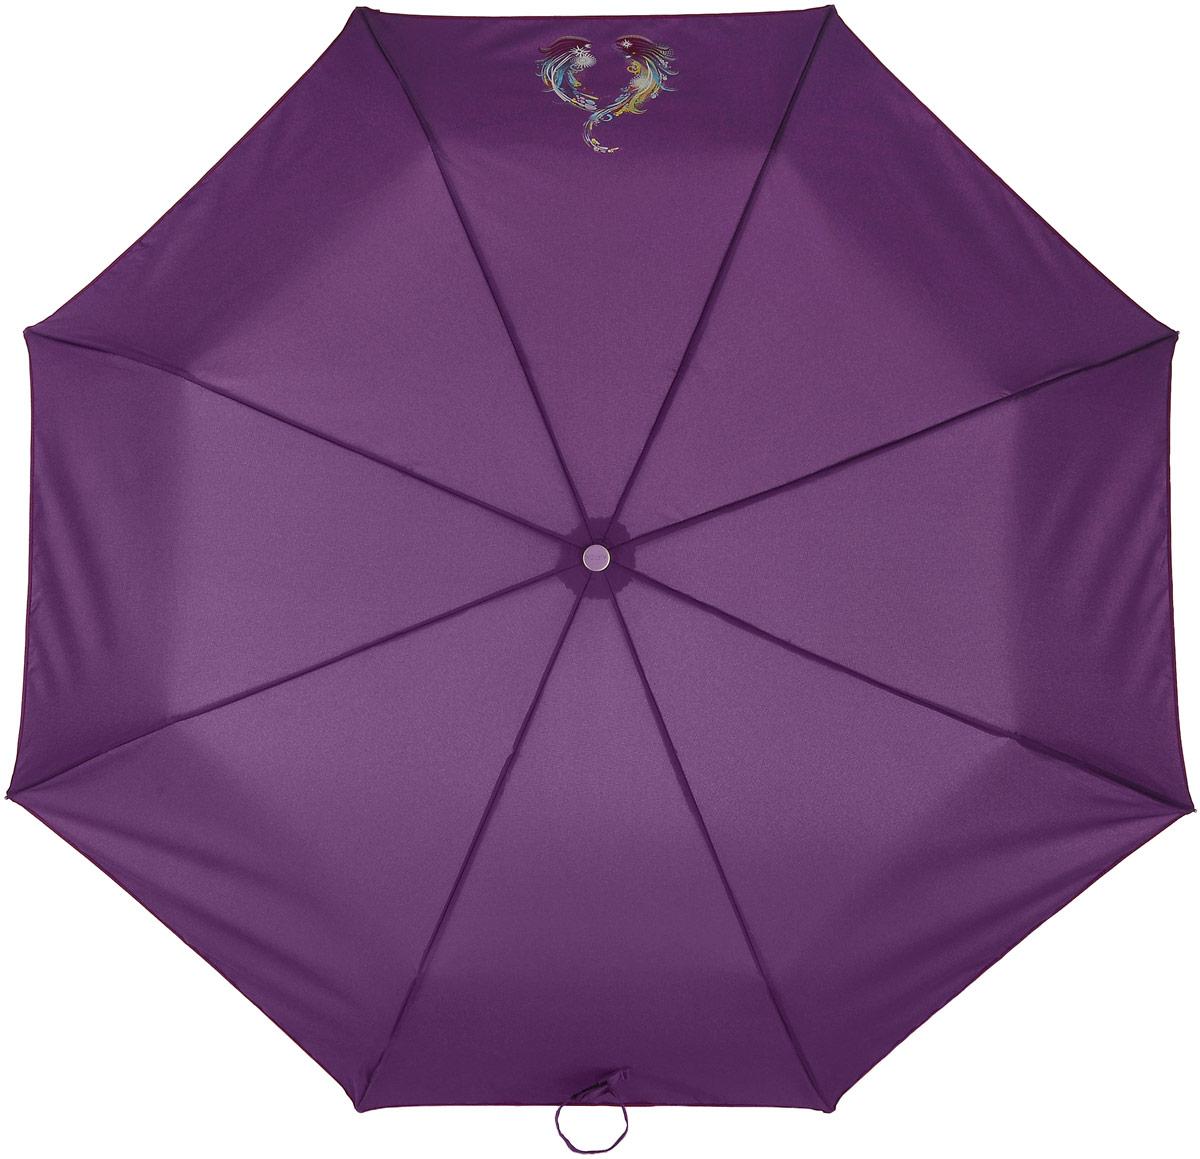 Зонт женский Airton, механический, 3 сложения, цвет: фуксия, голубой. 3512-0773512-077Классический женский зонт Airton в 3 сложения имеет механическую систему открытия и закрытия. Каркас зонта выполнен из восьми спиц на прочном стержне. Купол зонта изготовлен из прочного полиэстера. Практичная рукоятка закругленной формы разработана с учетом требований эргономики и выполнена из качественного пластика с противоскользящей обработкой. Такой зонт оснащен системой антиветер, которая позволяет спицам при порывах ветрах выгибаться наизнанку, и при этом не ломаться. К зонту прилагается чехол.